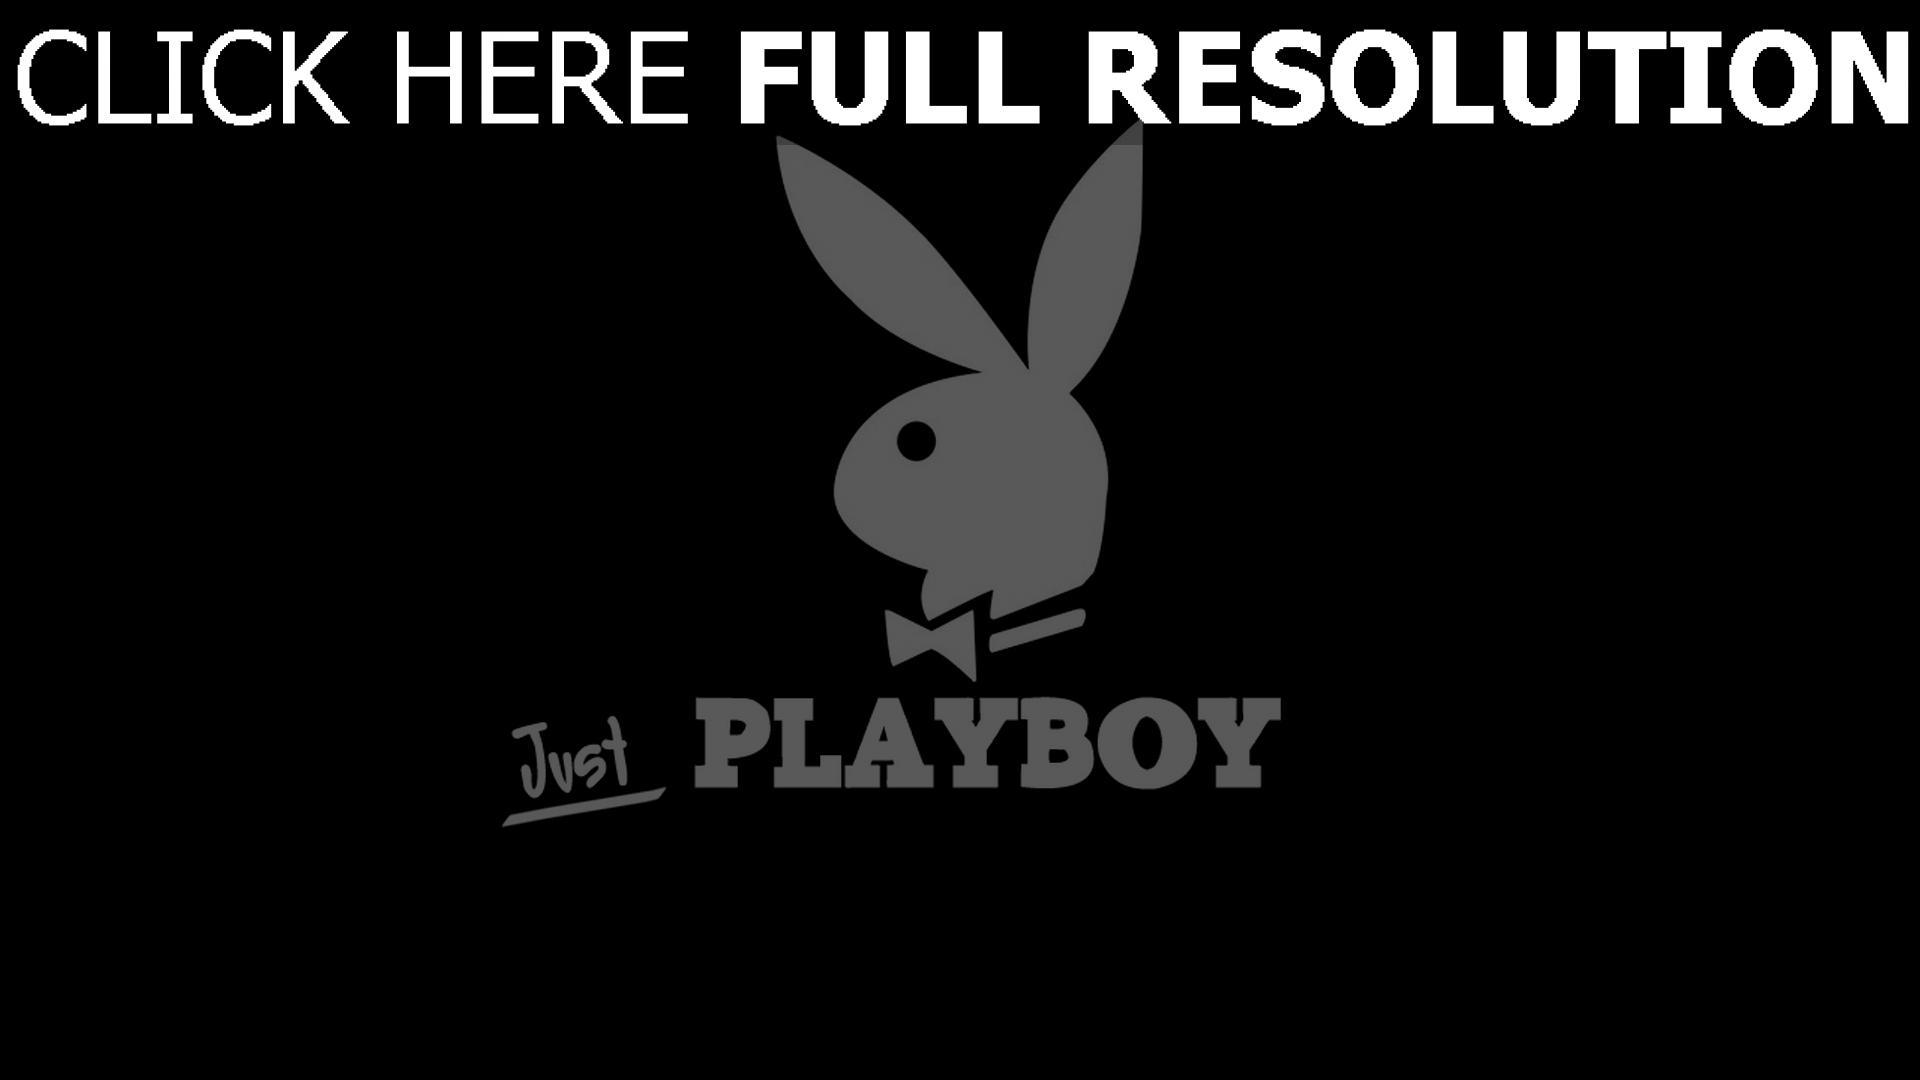 hd hintergrundbilder playboy bunny logo symbol schwarzes hintergrund 1920x1080